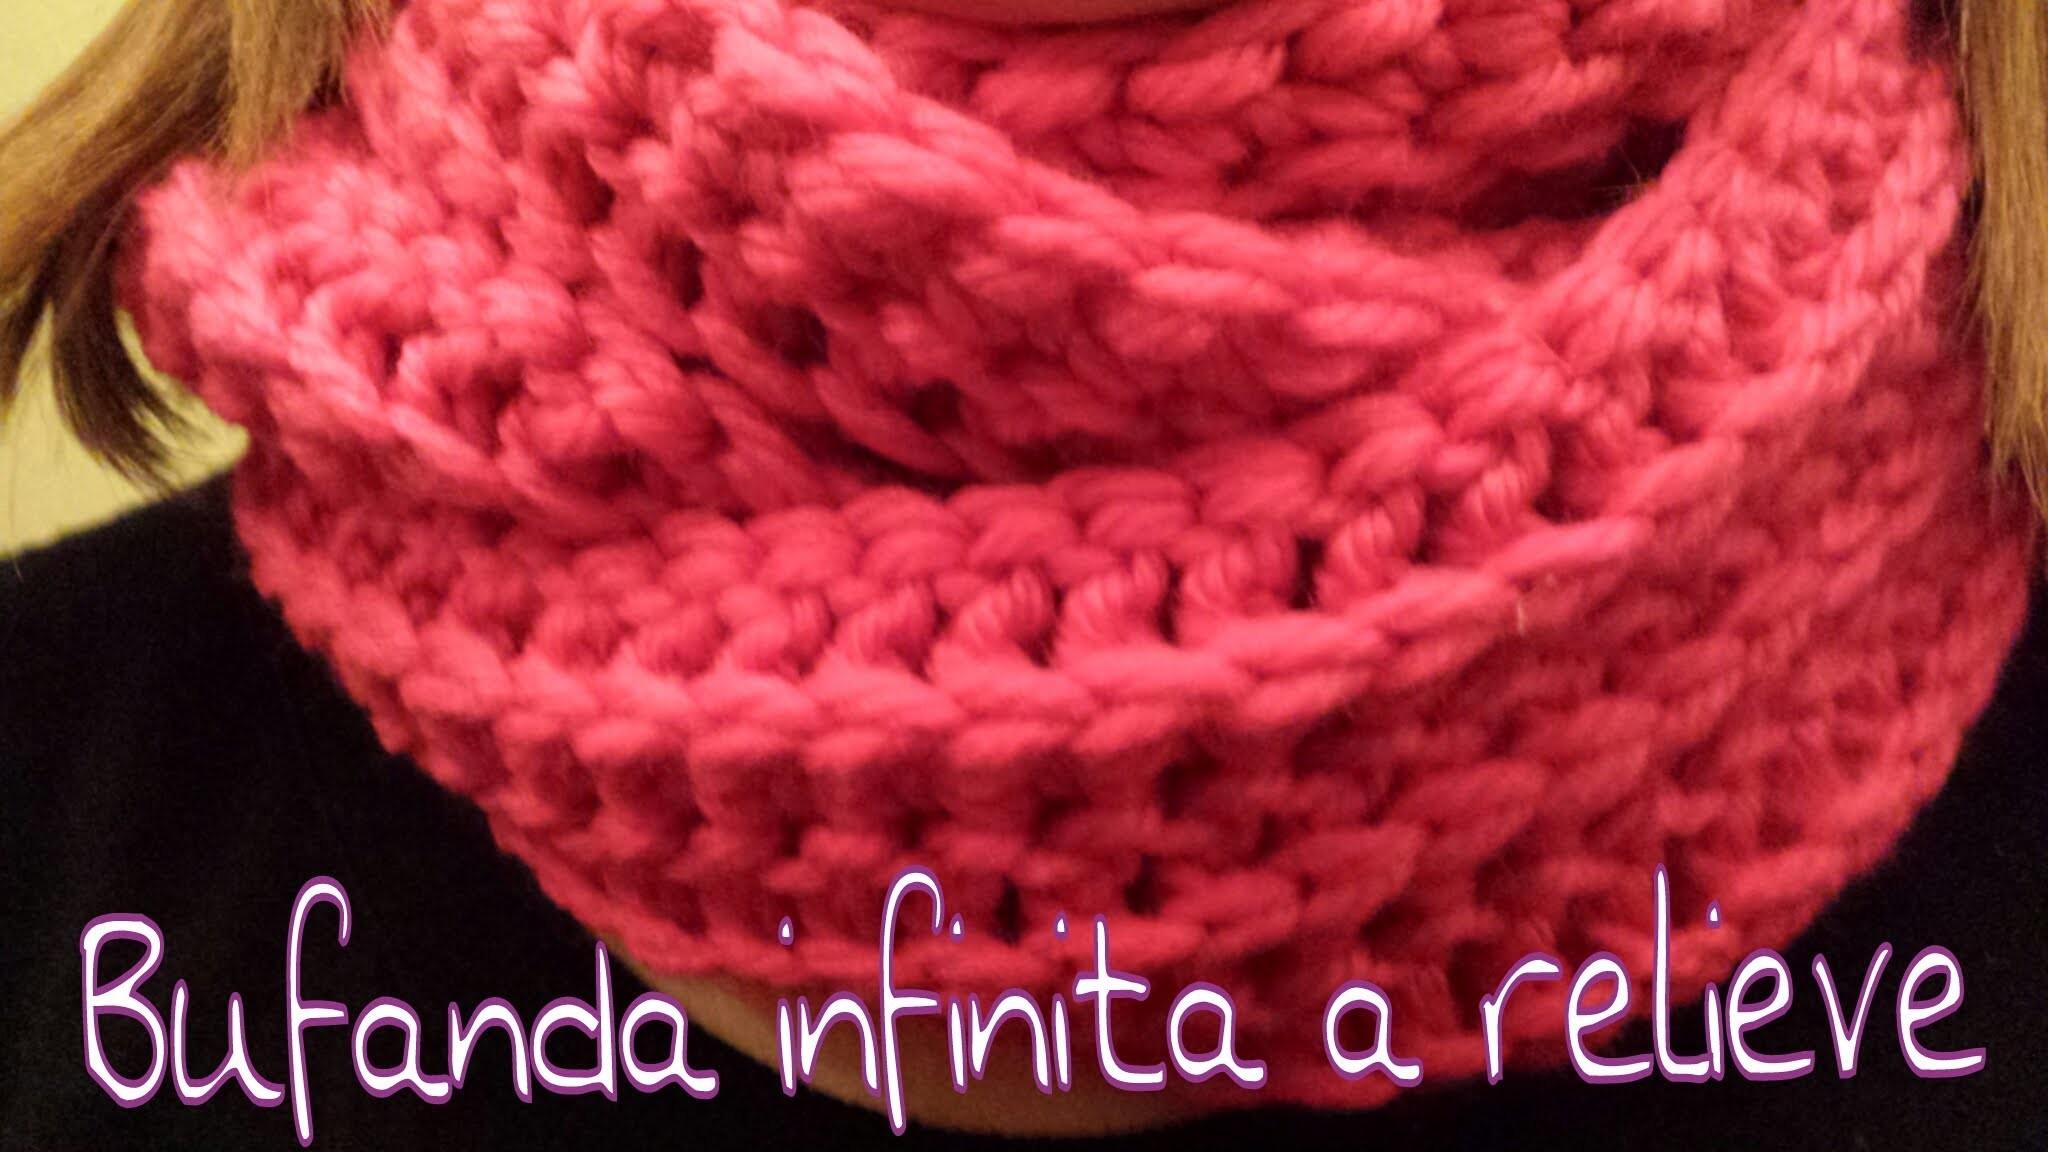 Bufanda Infinita en relieve. Infinity scarf in reliel ! (English Subtitels)